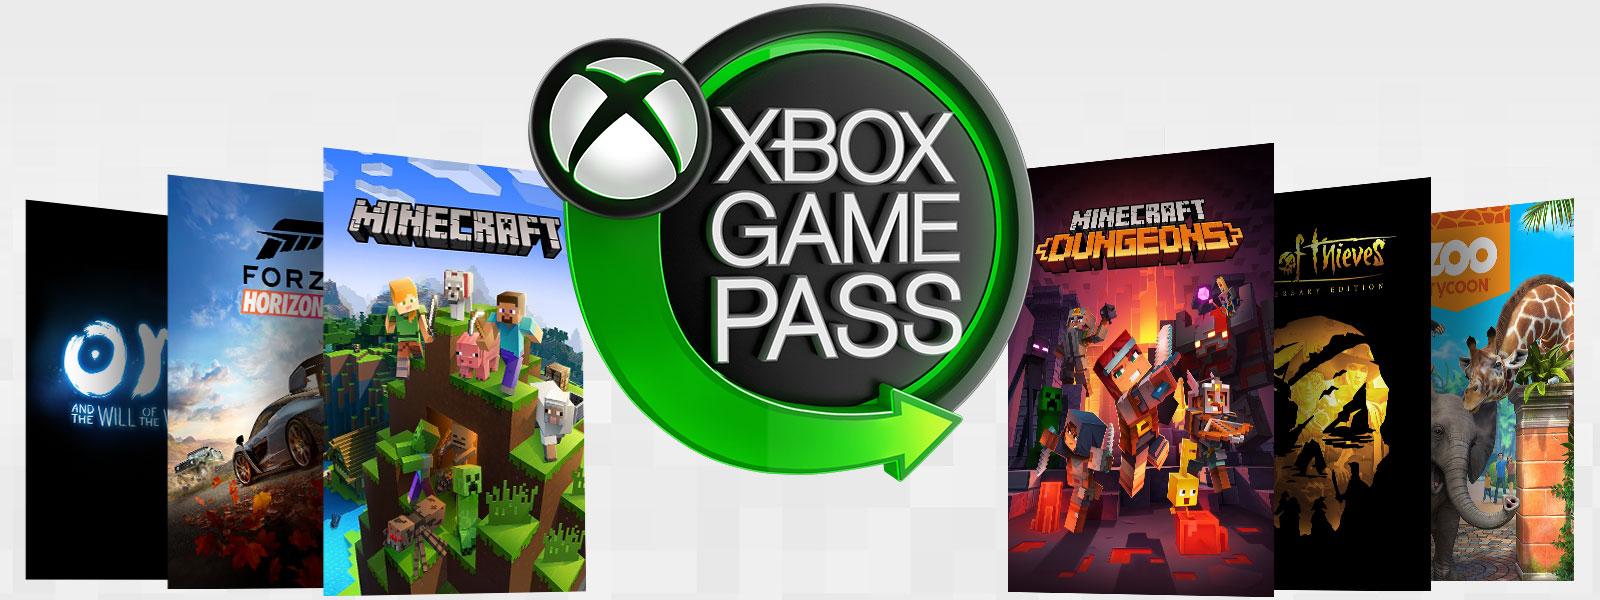 Katılan oyunların kutu resmiyle birlikte Xbox Game Pass logosu